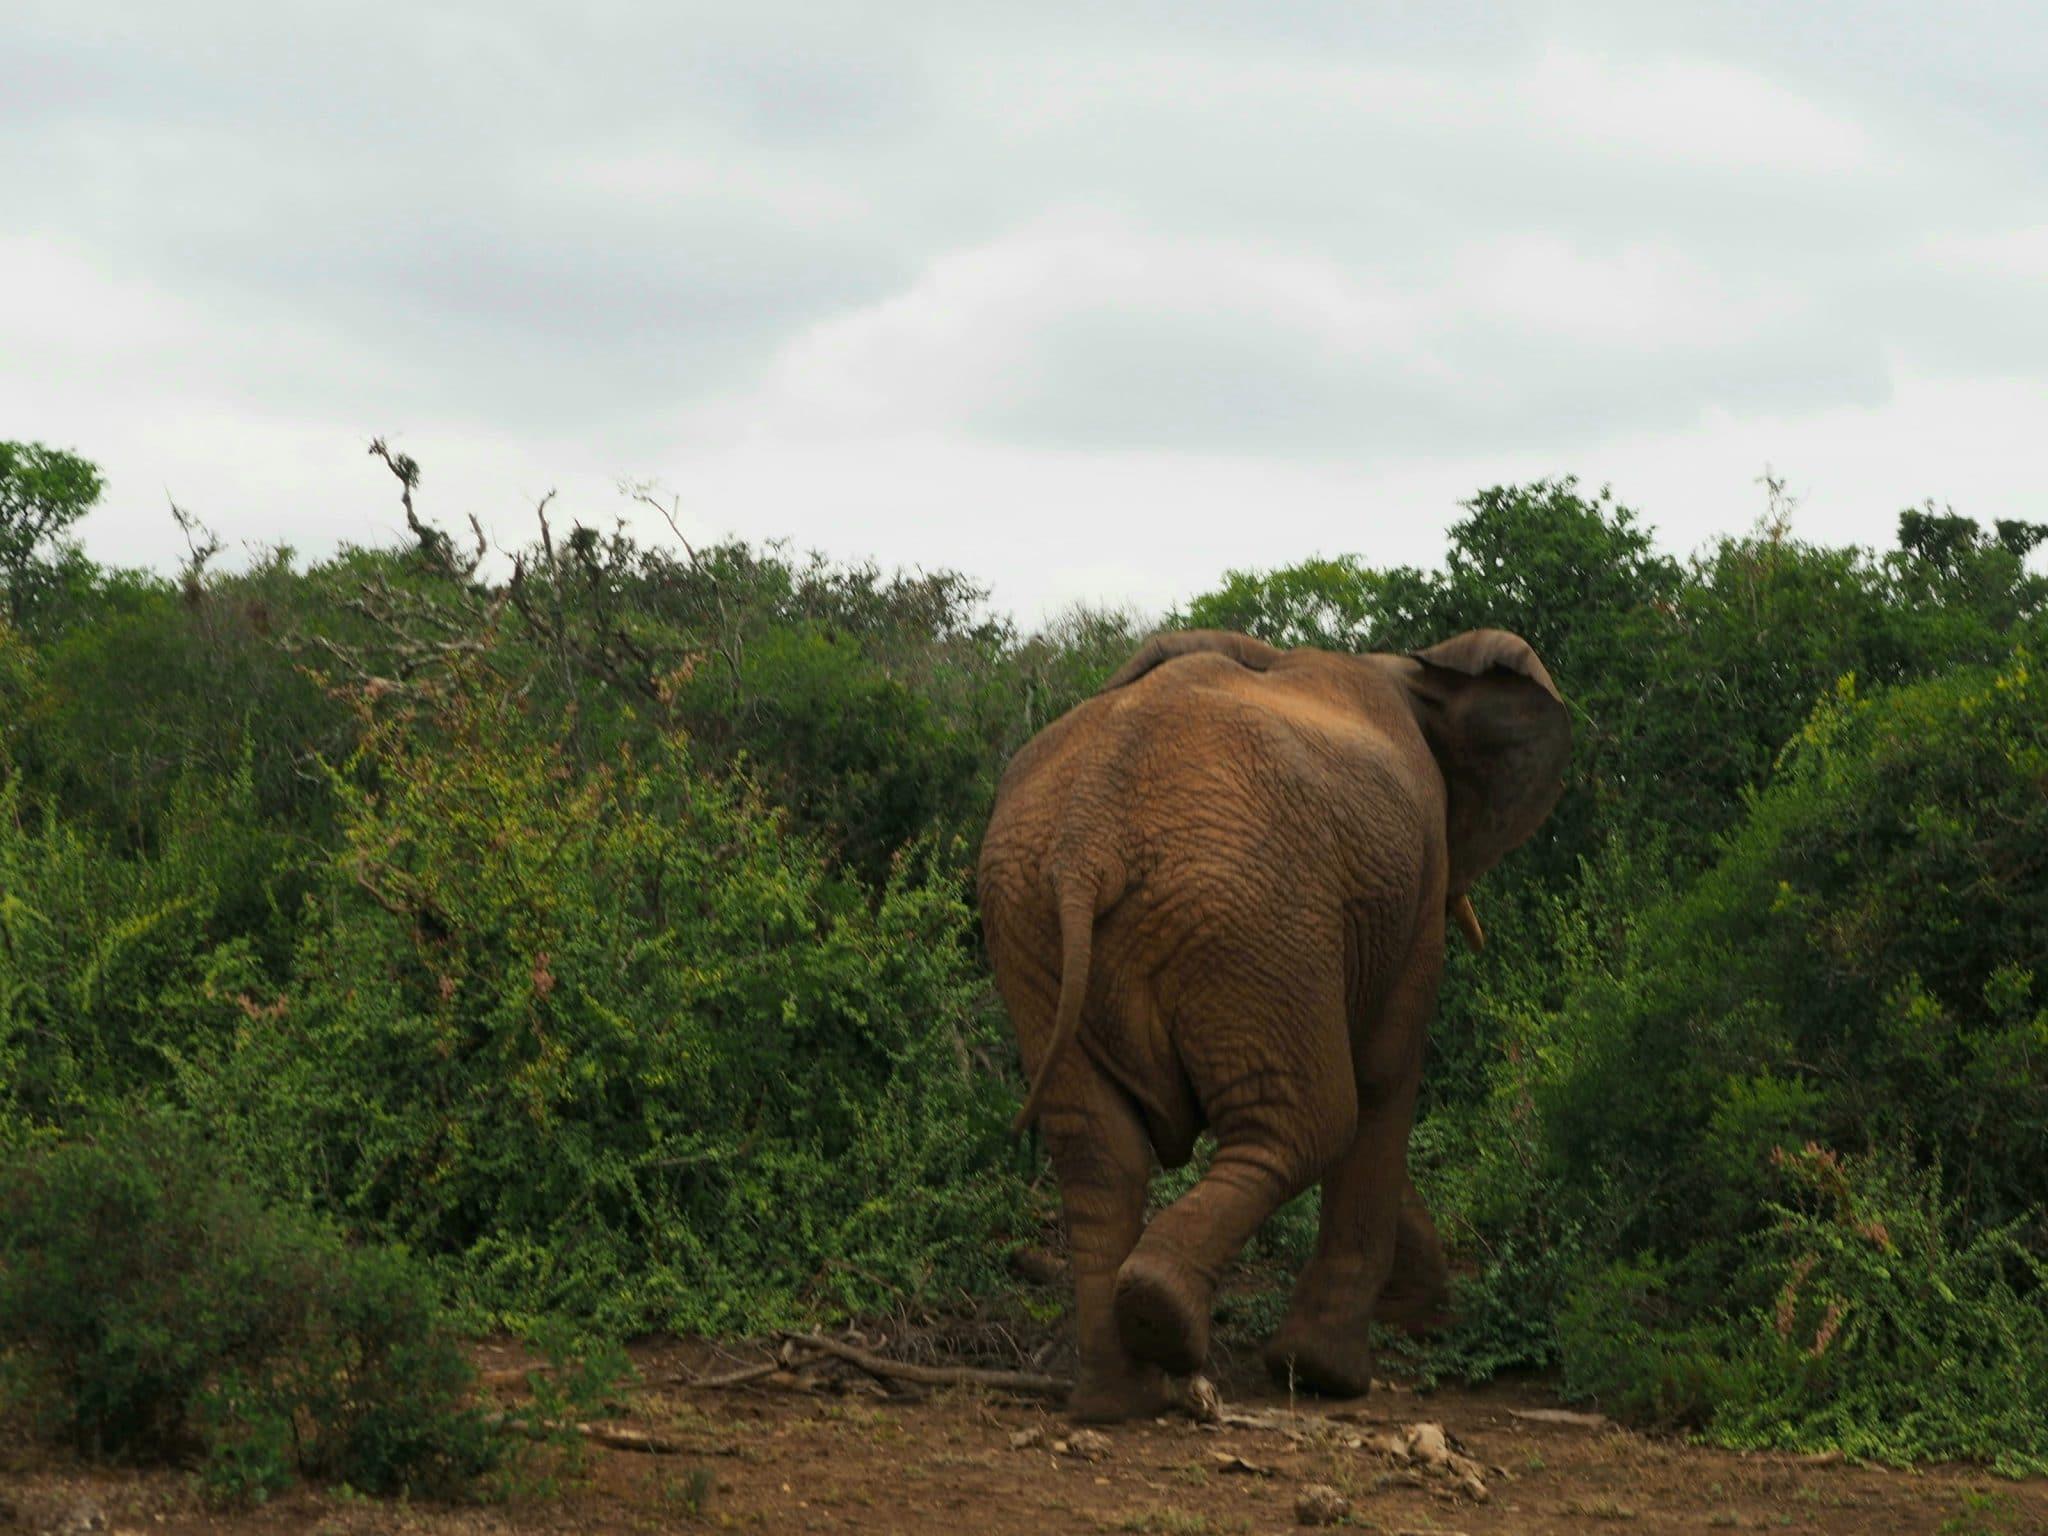 éléphant qui rentre dans les fougères